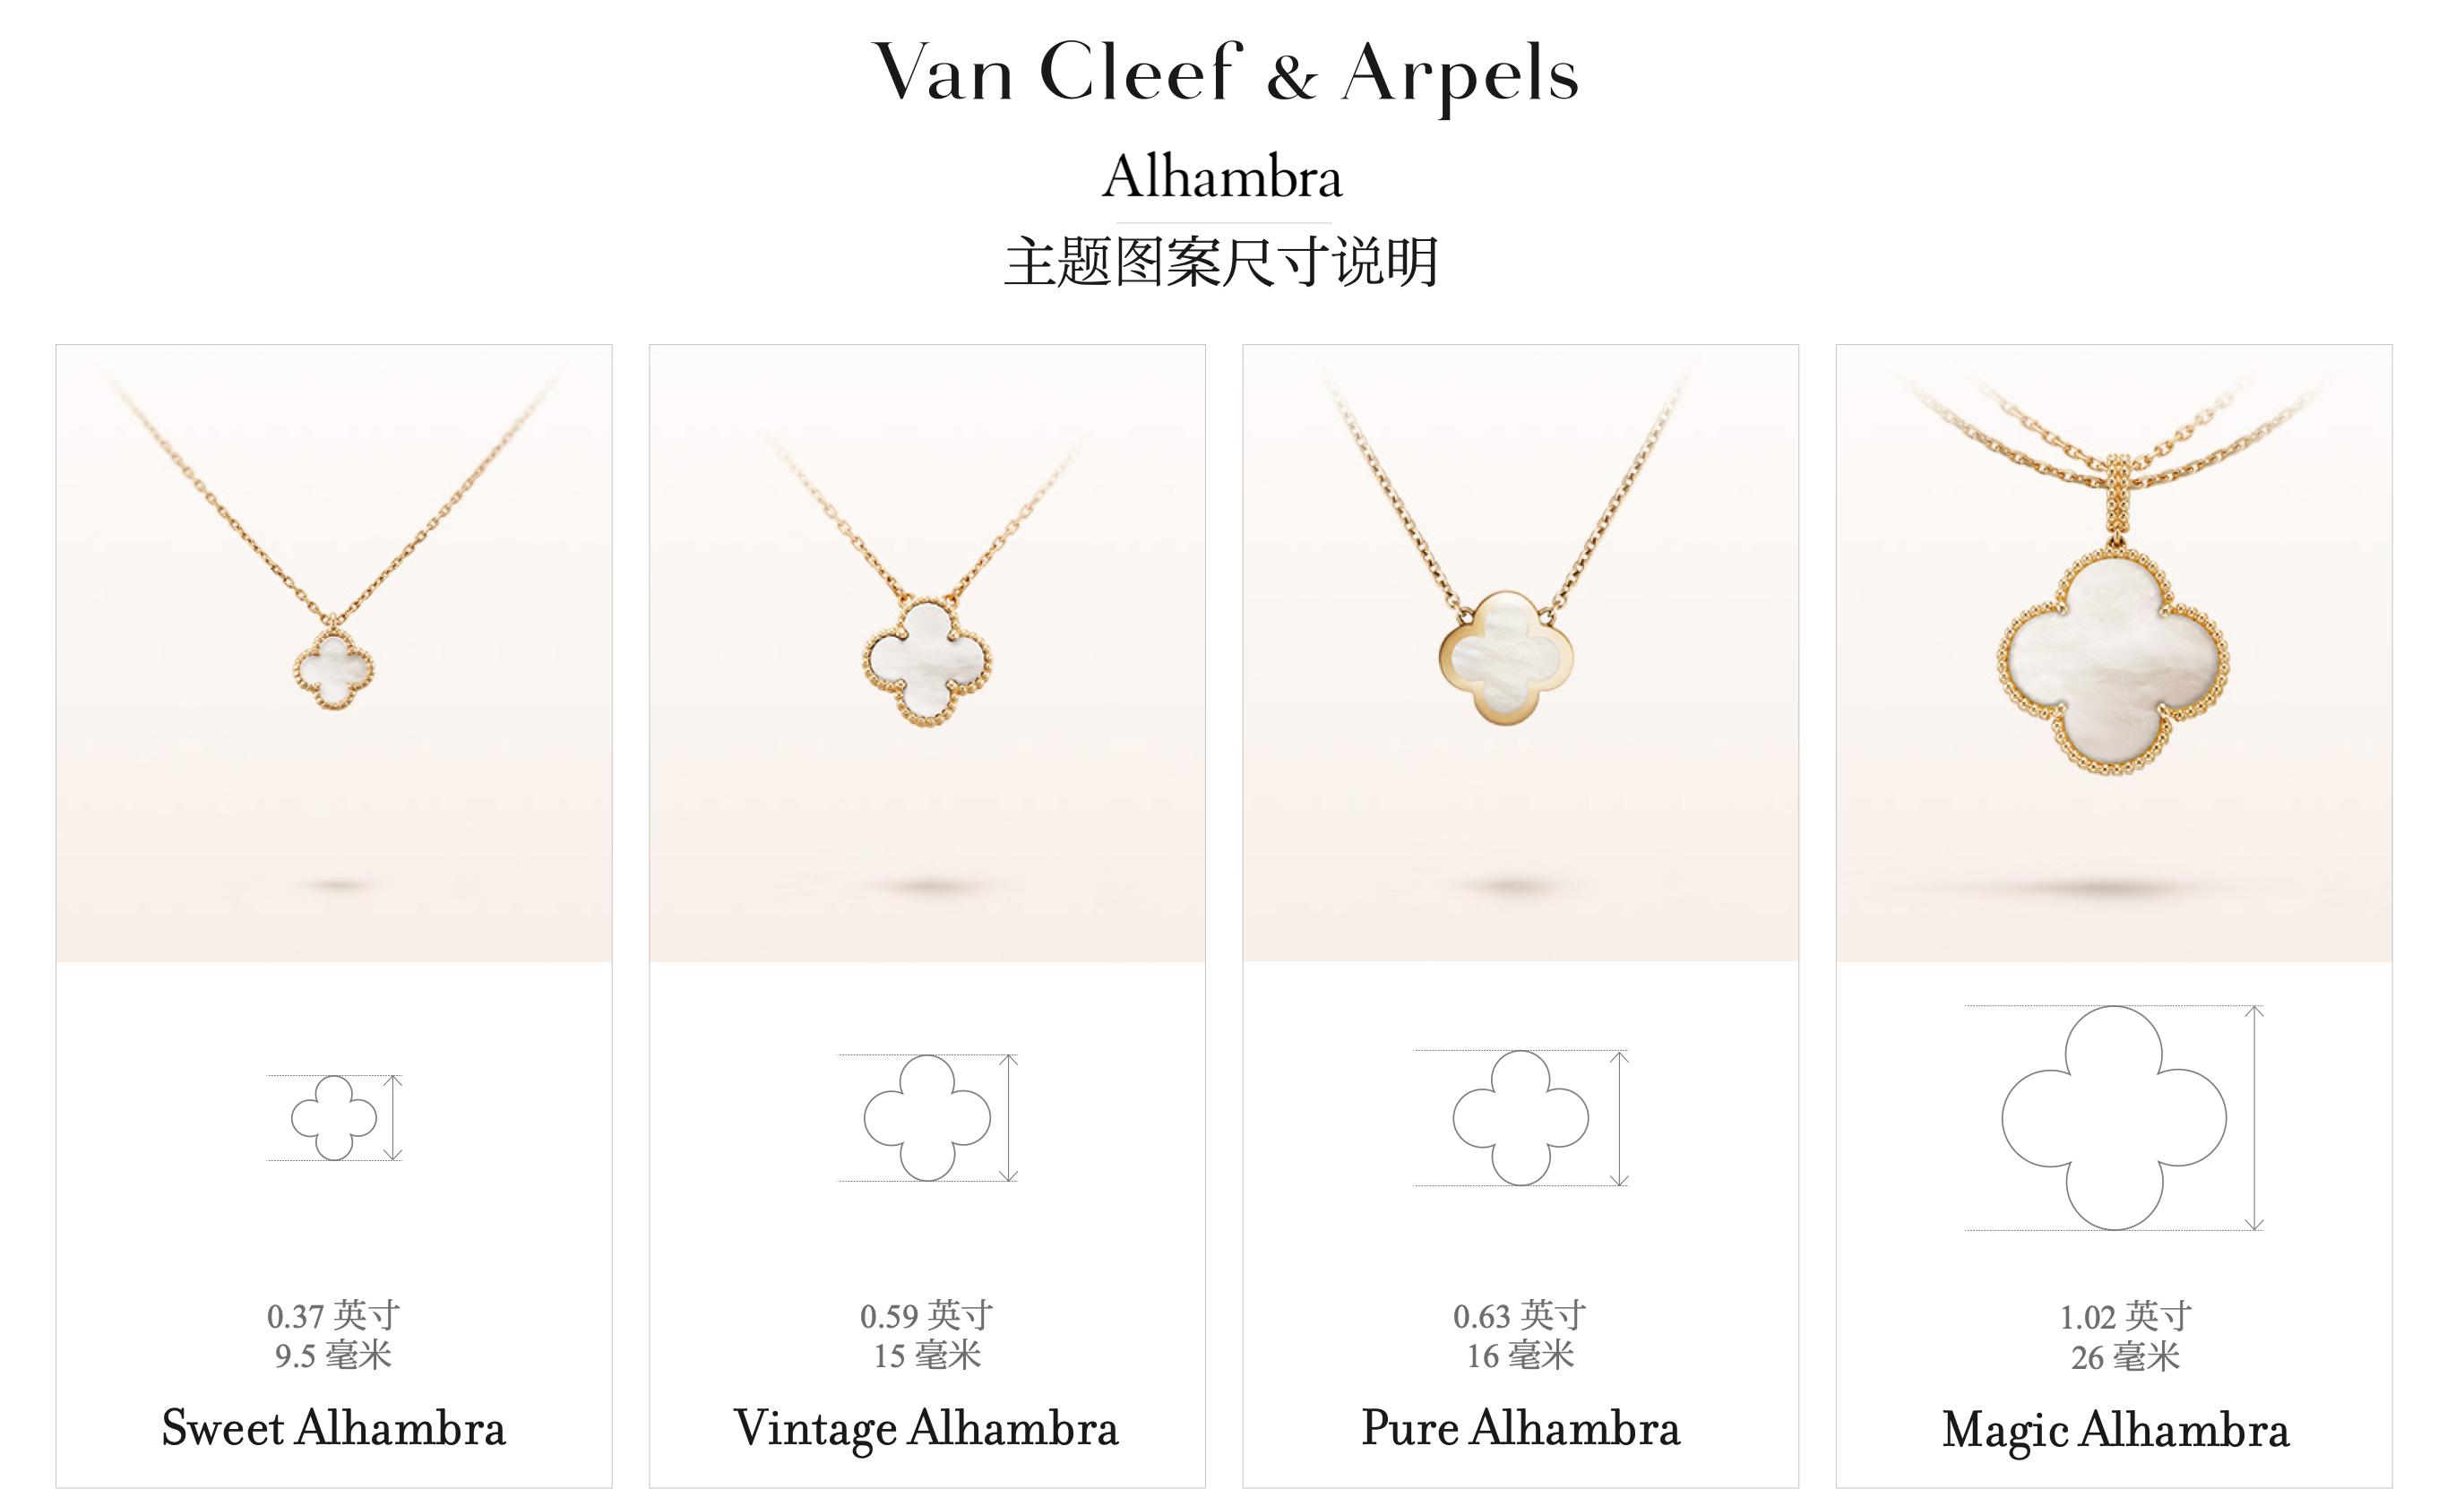 VanCleef&Arpels 梵克雅宝手链